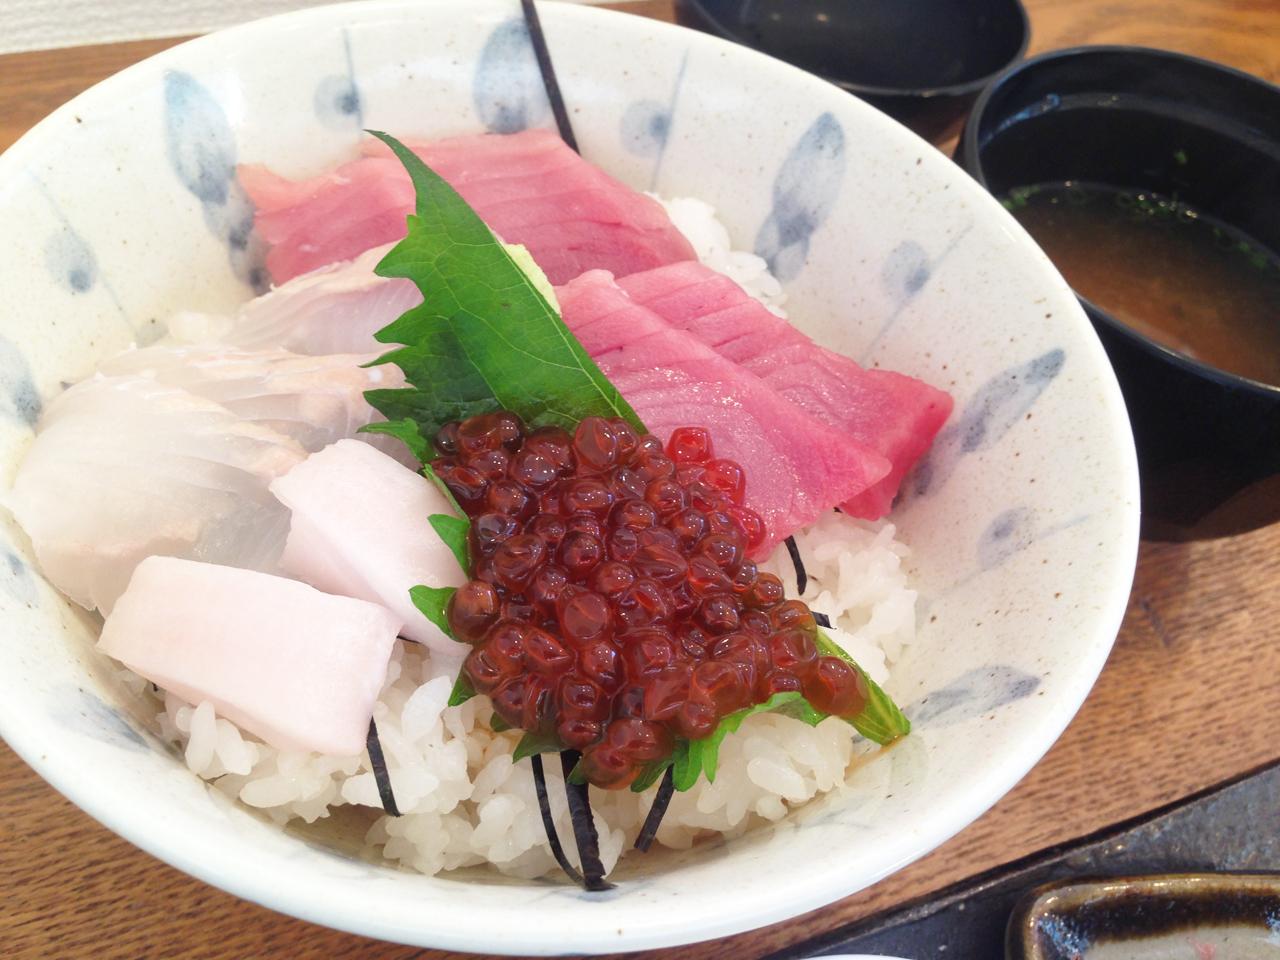 松川カレイ、キハダマグロとイクラの三色丼